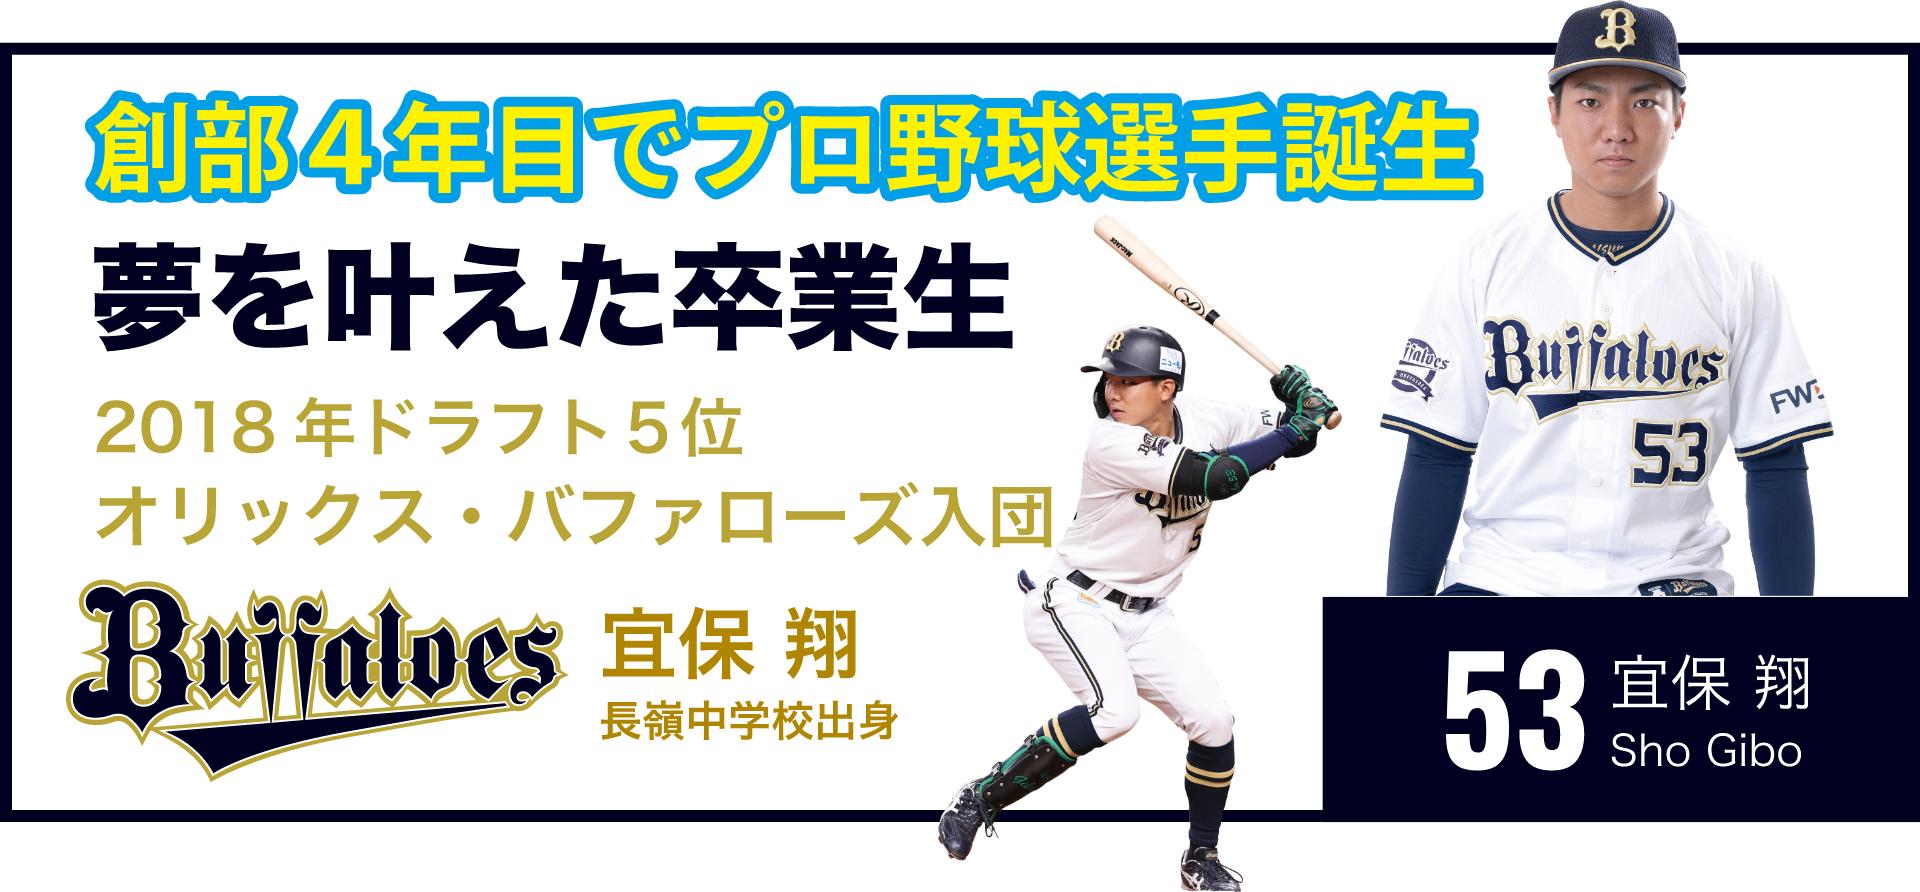 創部4年目でプロ野球選手誕生